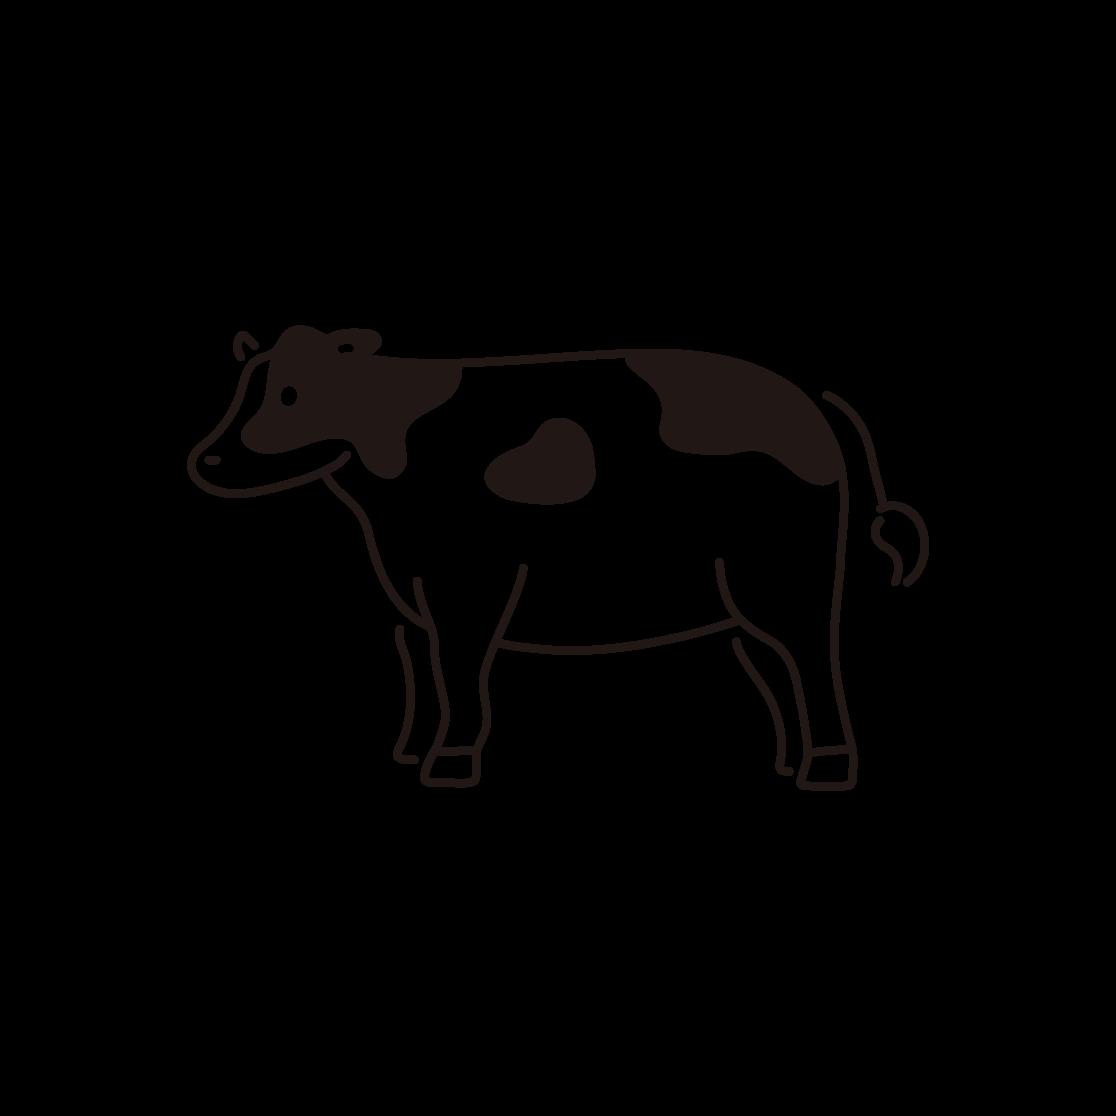 牛の線画イラスト